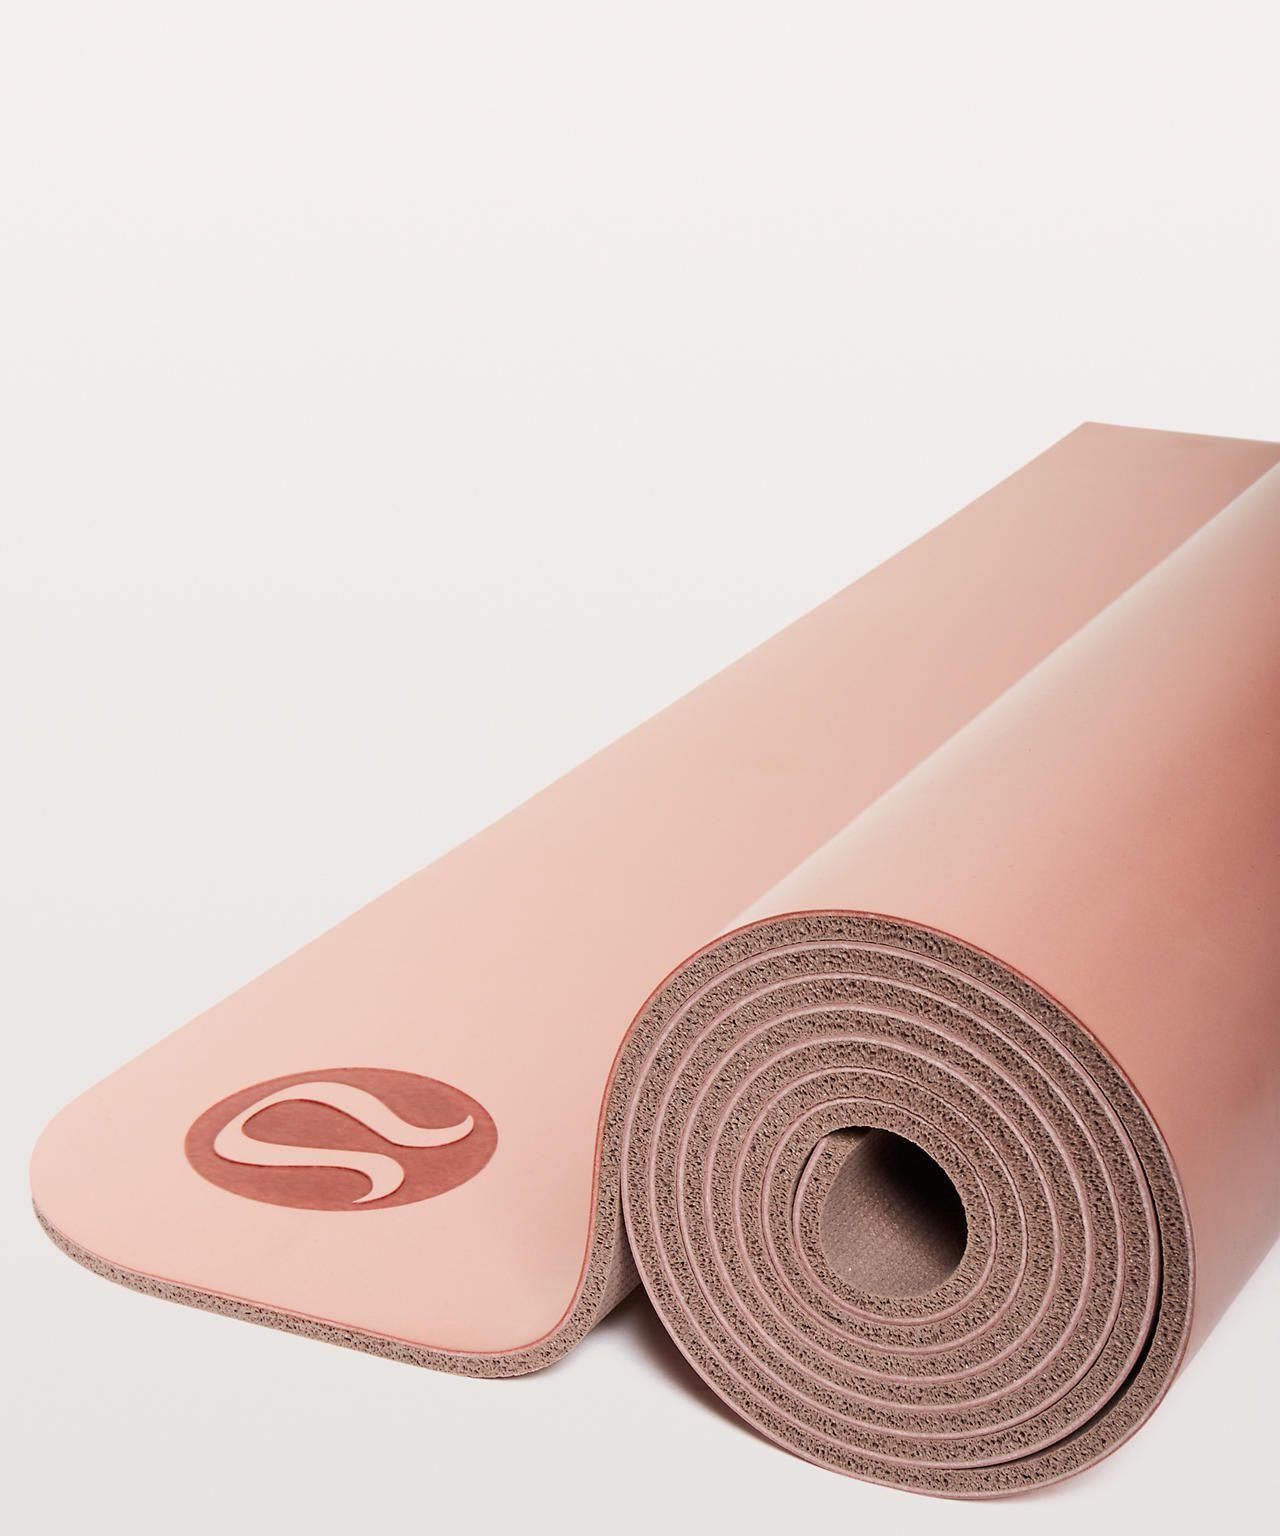 the reversible yoga mat 5mm